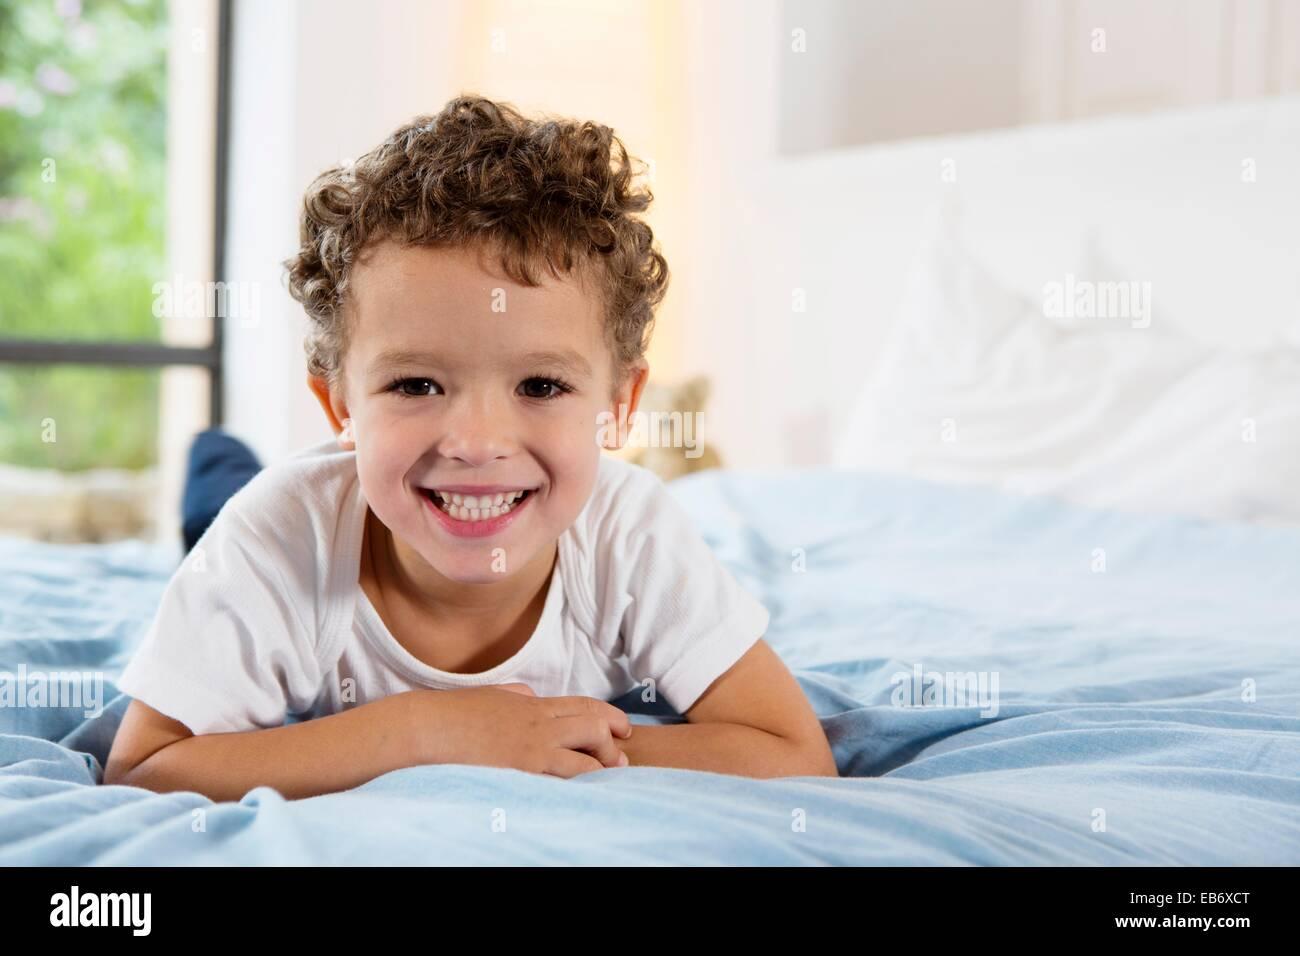 vier jahre alter junge auf einem bett liegend stockfoto bild 75755144 alamy. Black Bedroom Furniture Sets. Home Design Ideas